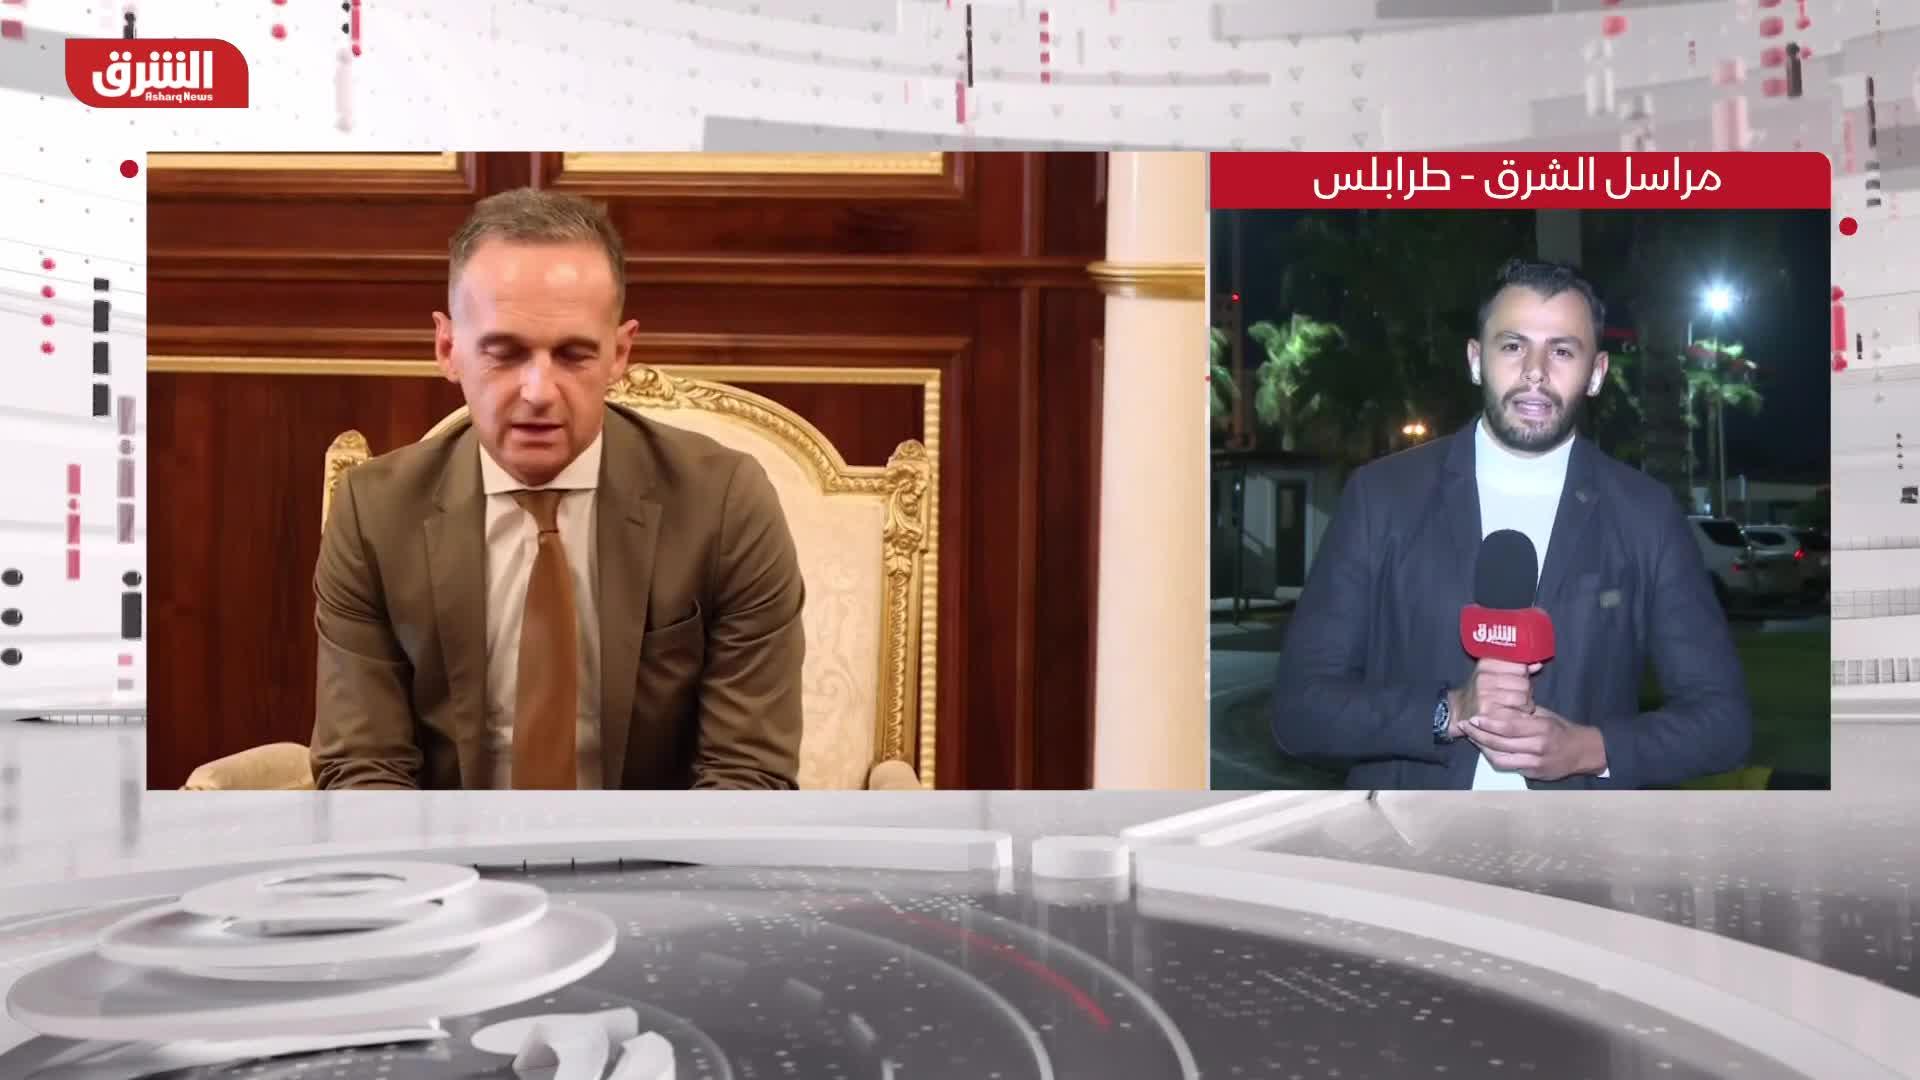 طرابلس تستضيف مؤتمر دعم استقرار ليبيا